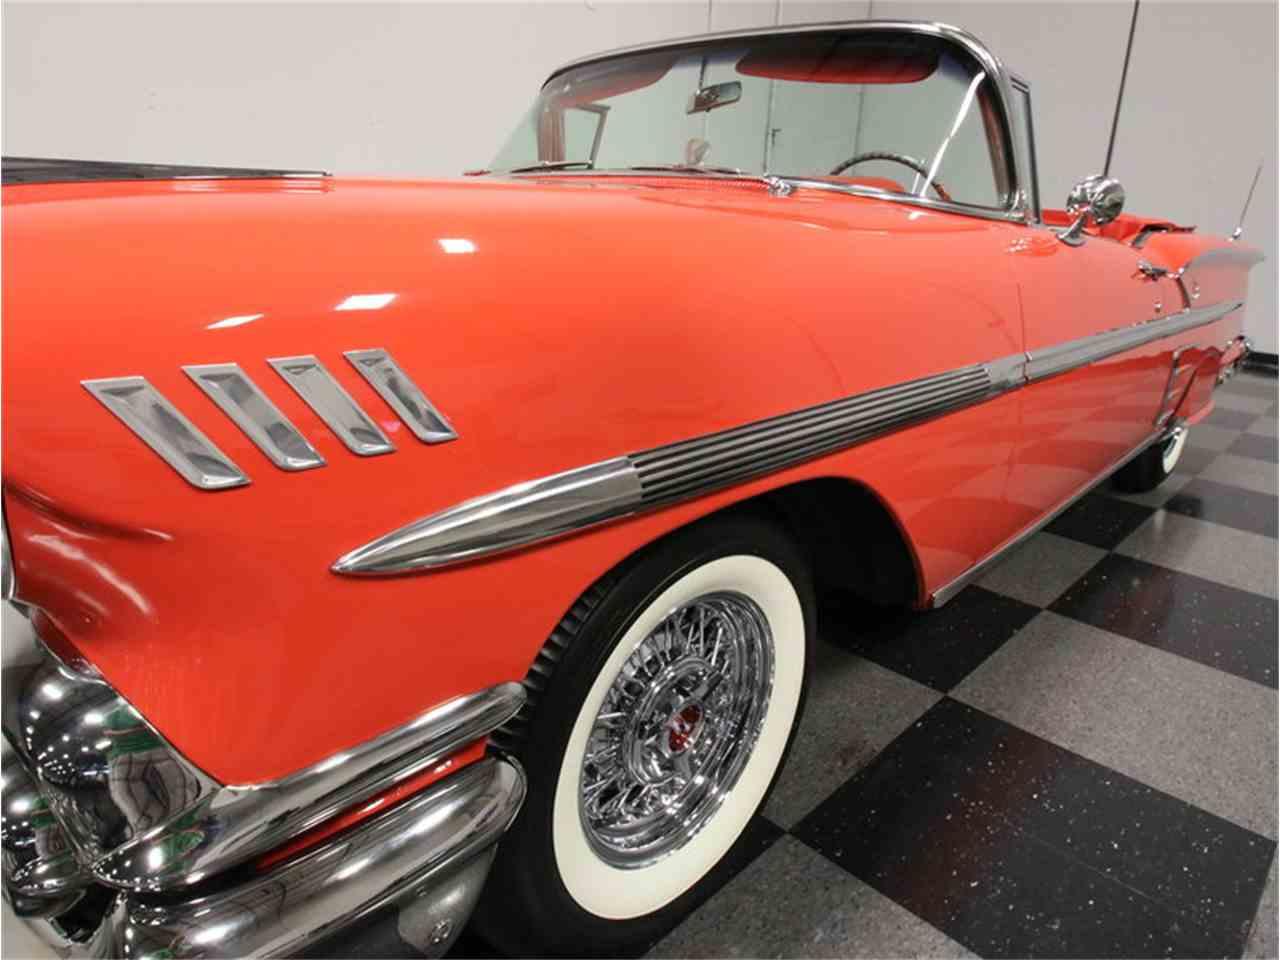 Large Picture of 1958 Impala located in Georgia - $106,995.00 - EVGO